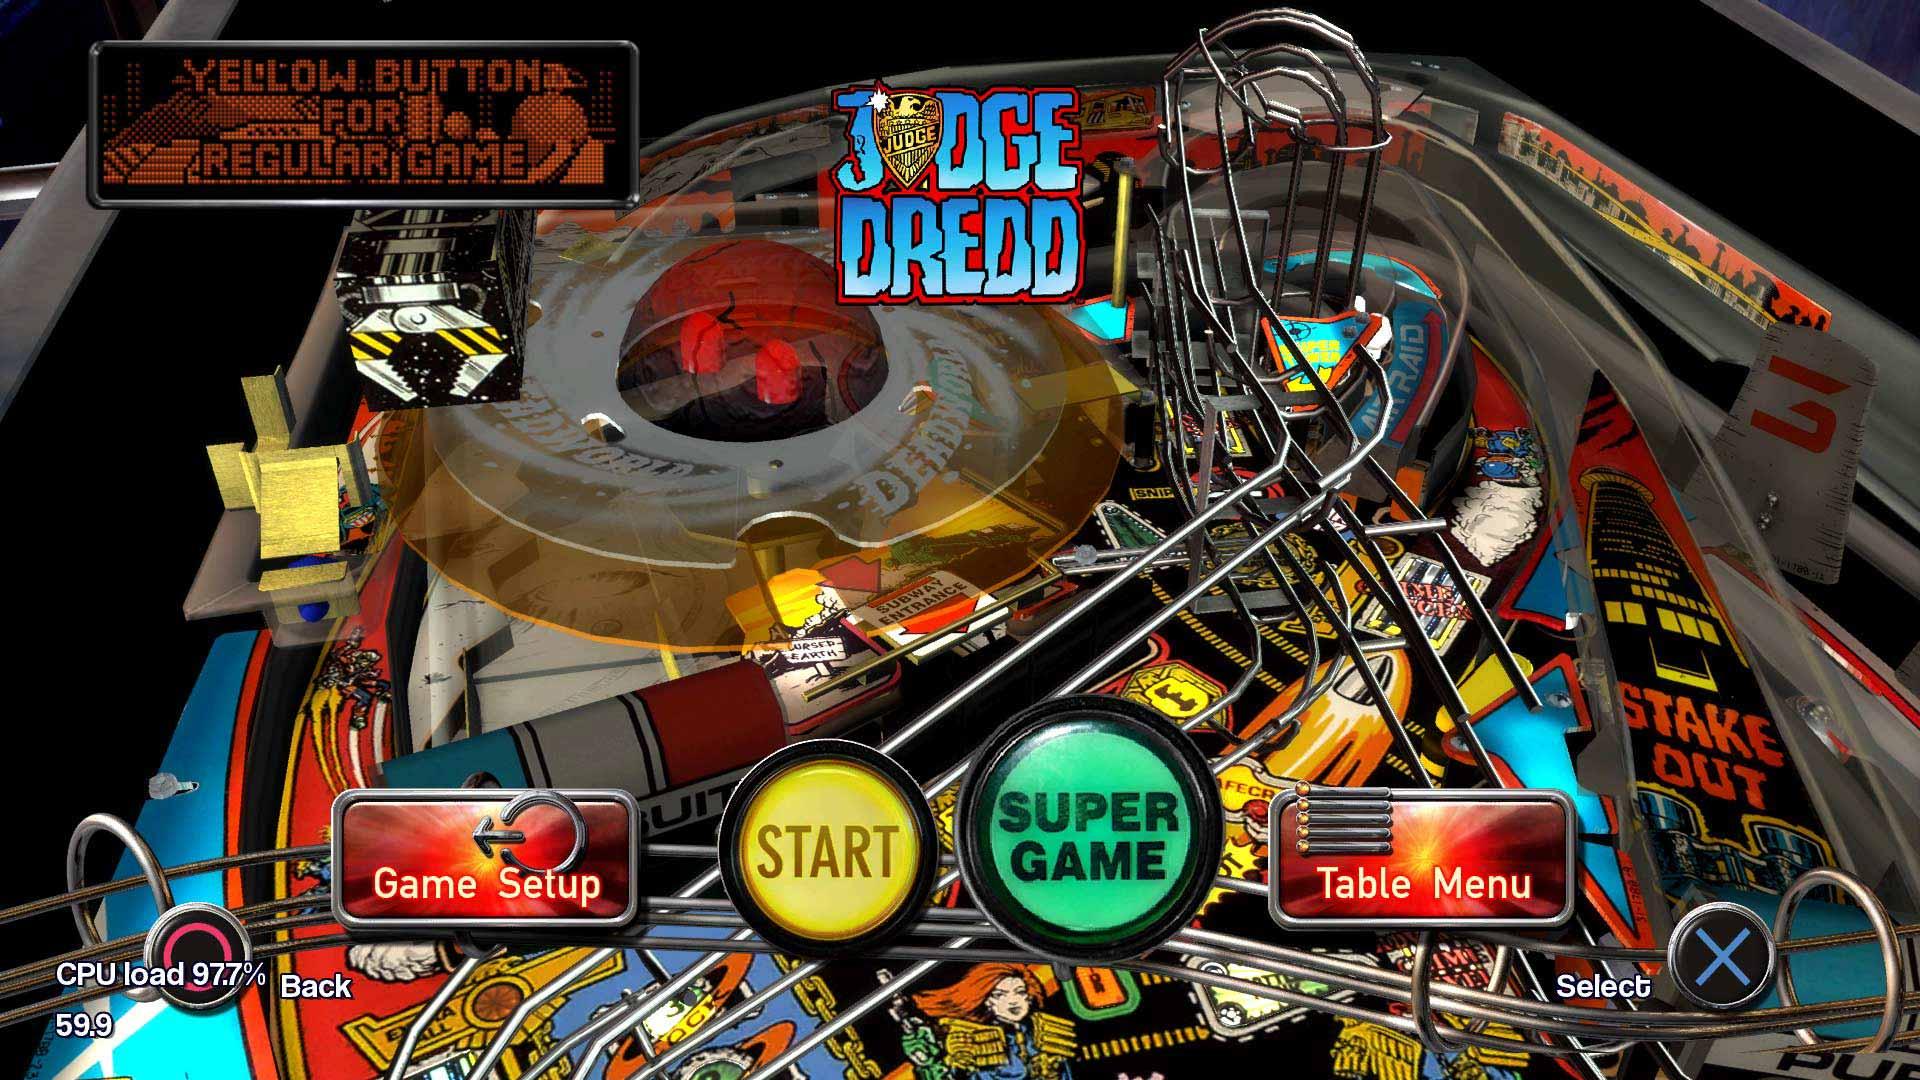 Pinball arcade conjunto de mesa profesional judge dredd for Pinball de mesa